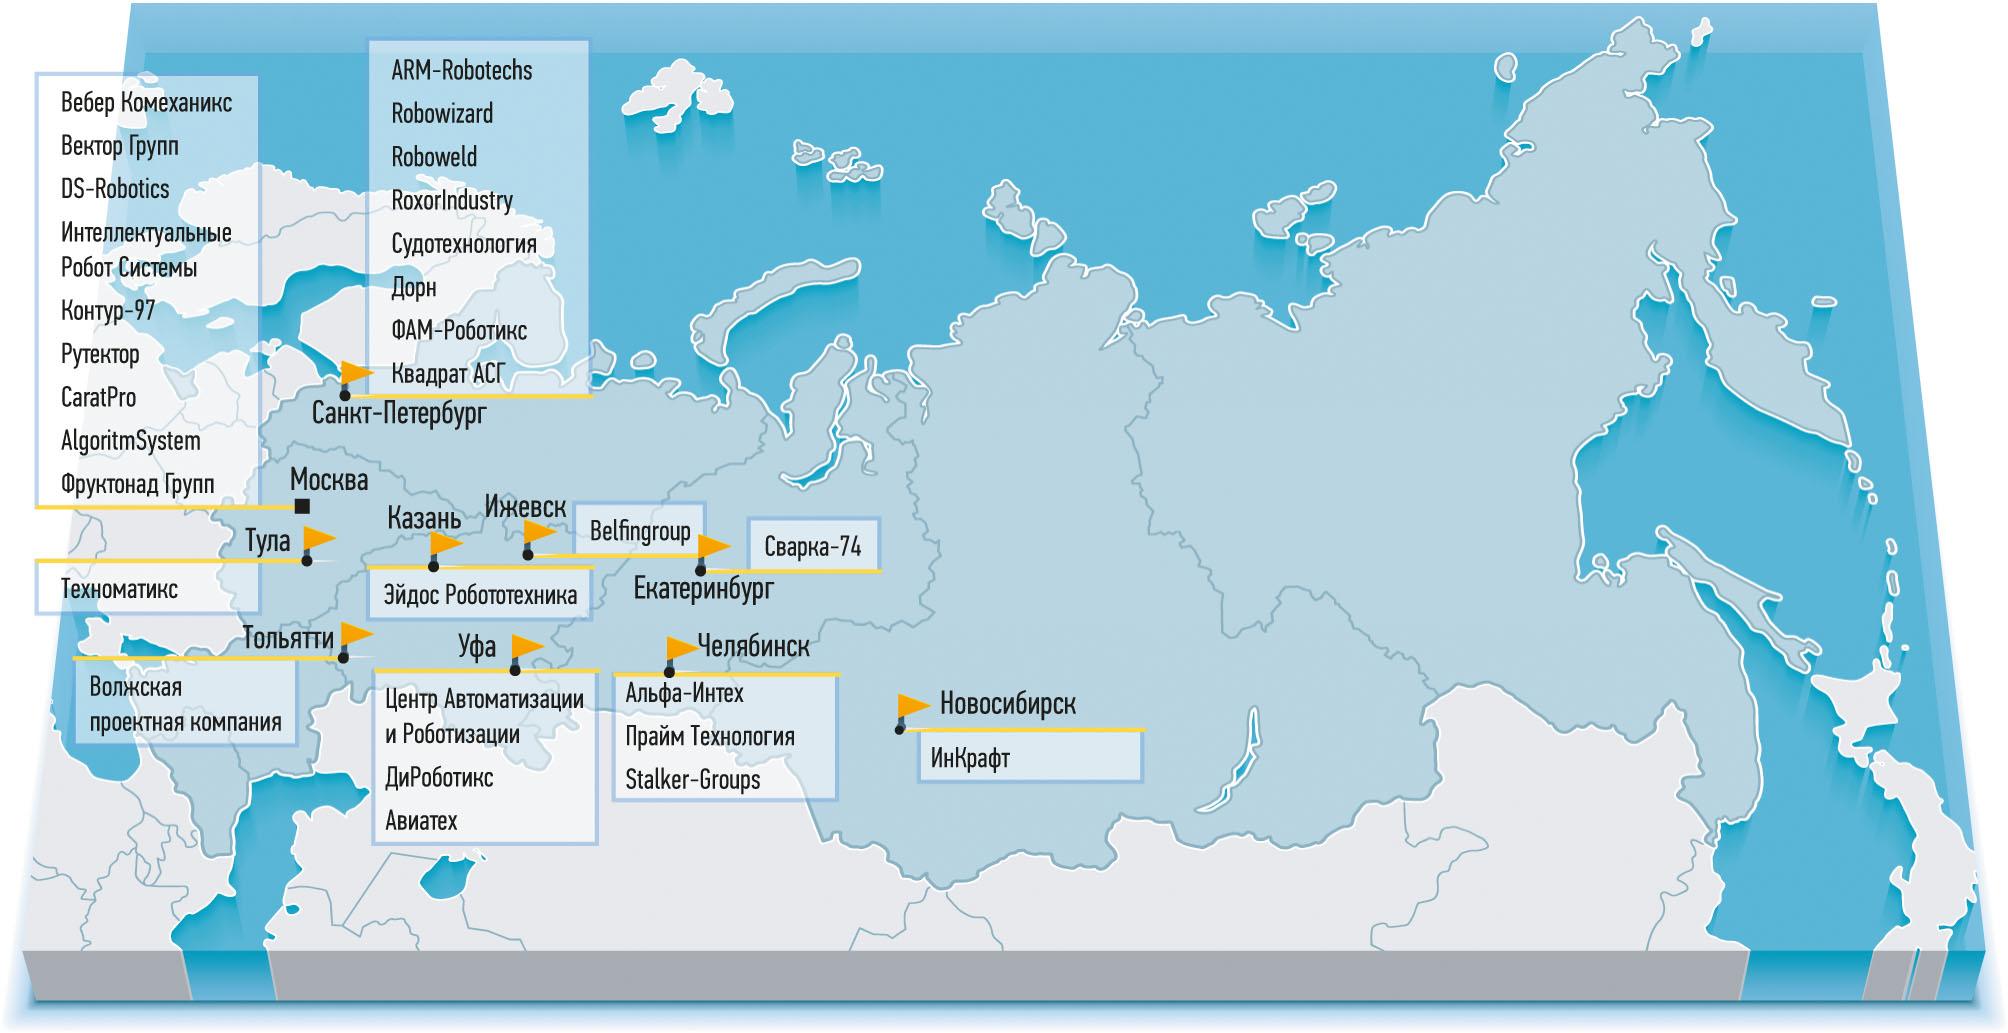 Рис. 4. Карта системных интеграторов России (данные на сентябрь 2016 г.). Источник: Национальная Ассоциация участников рынка робототехники